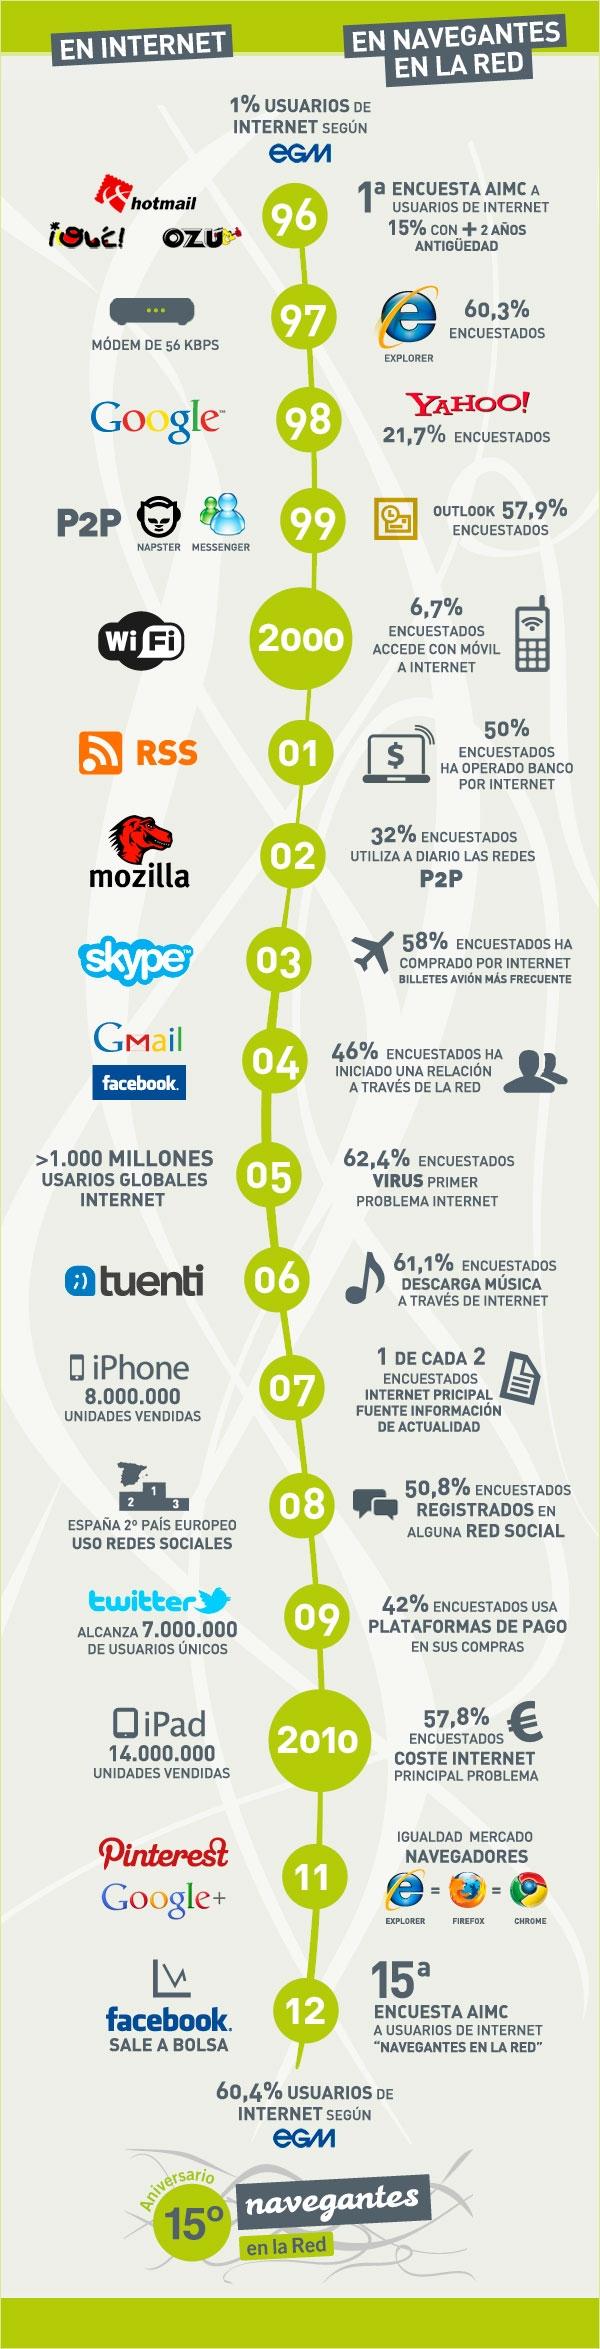 La evolución de Internet en España de 1996 a 2012